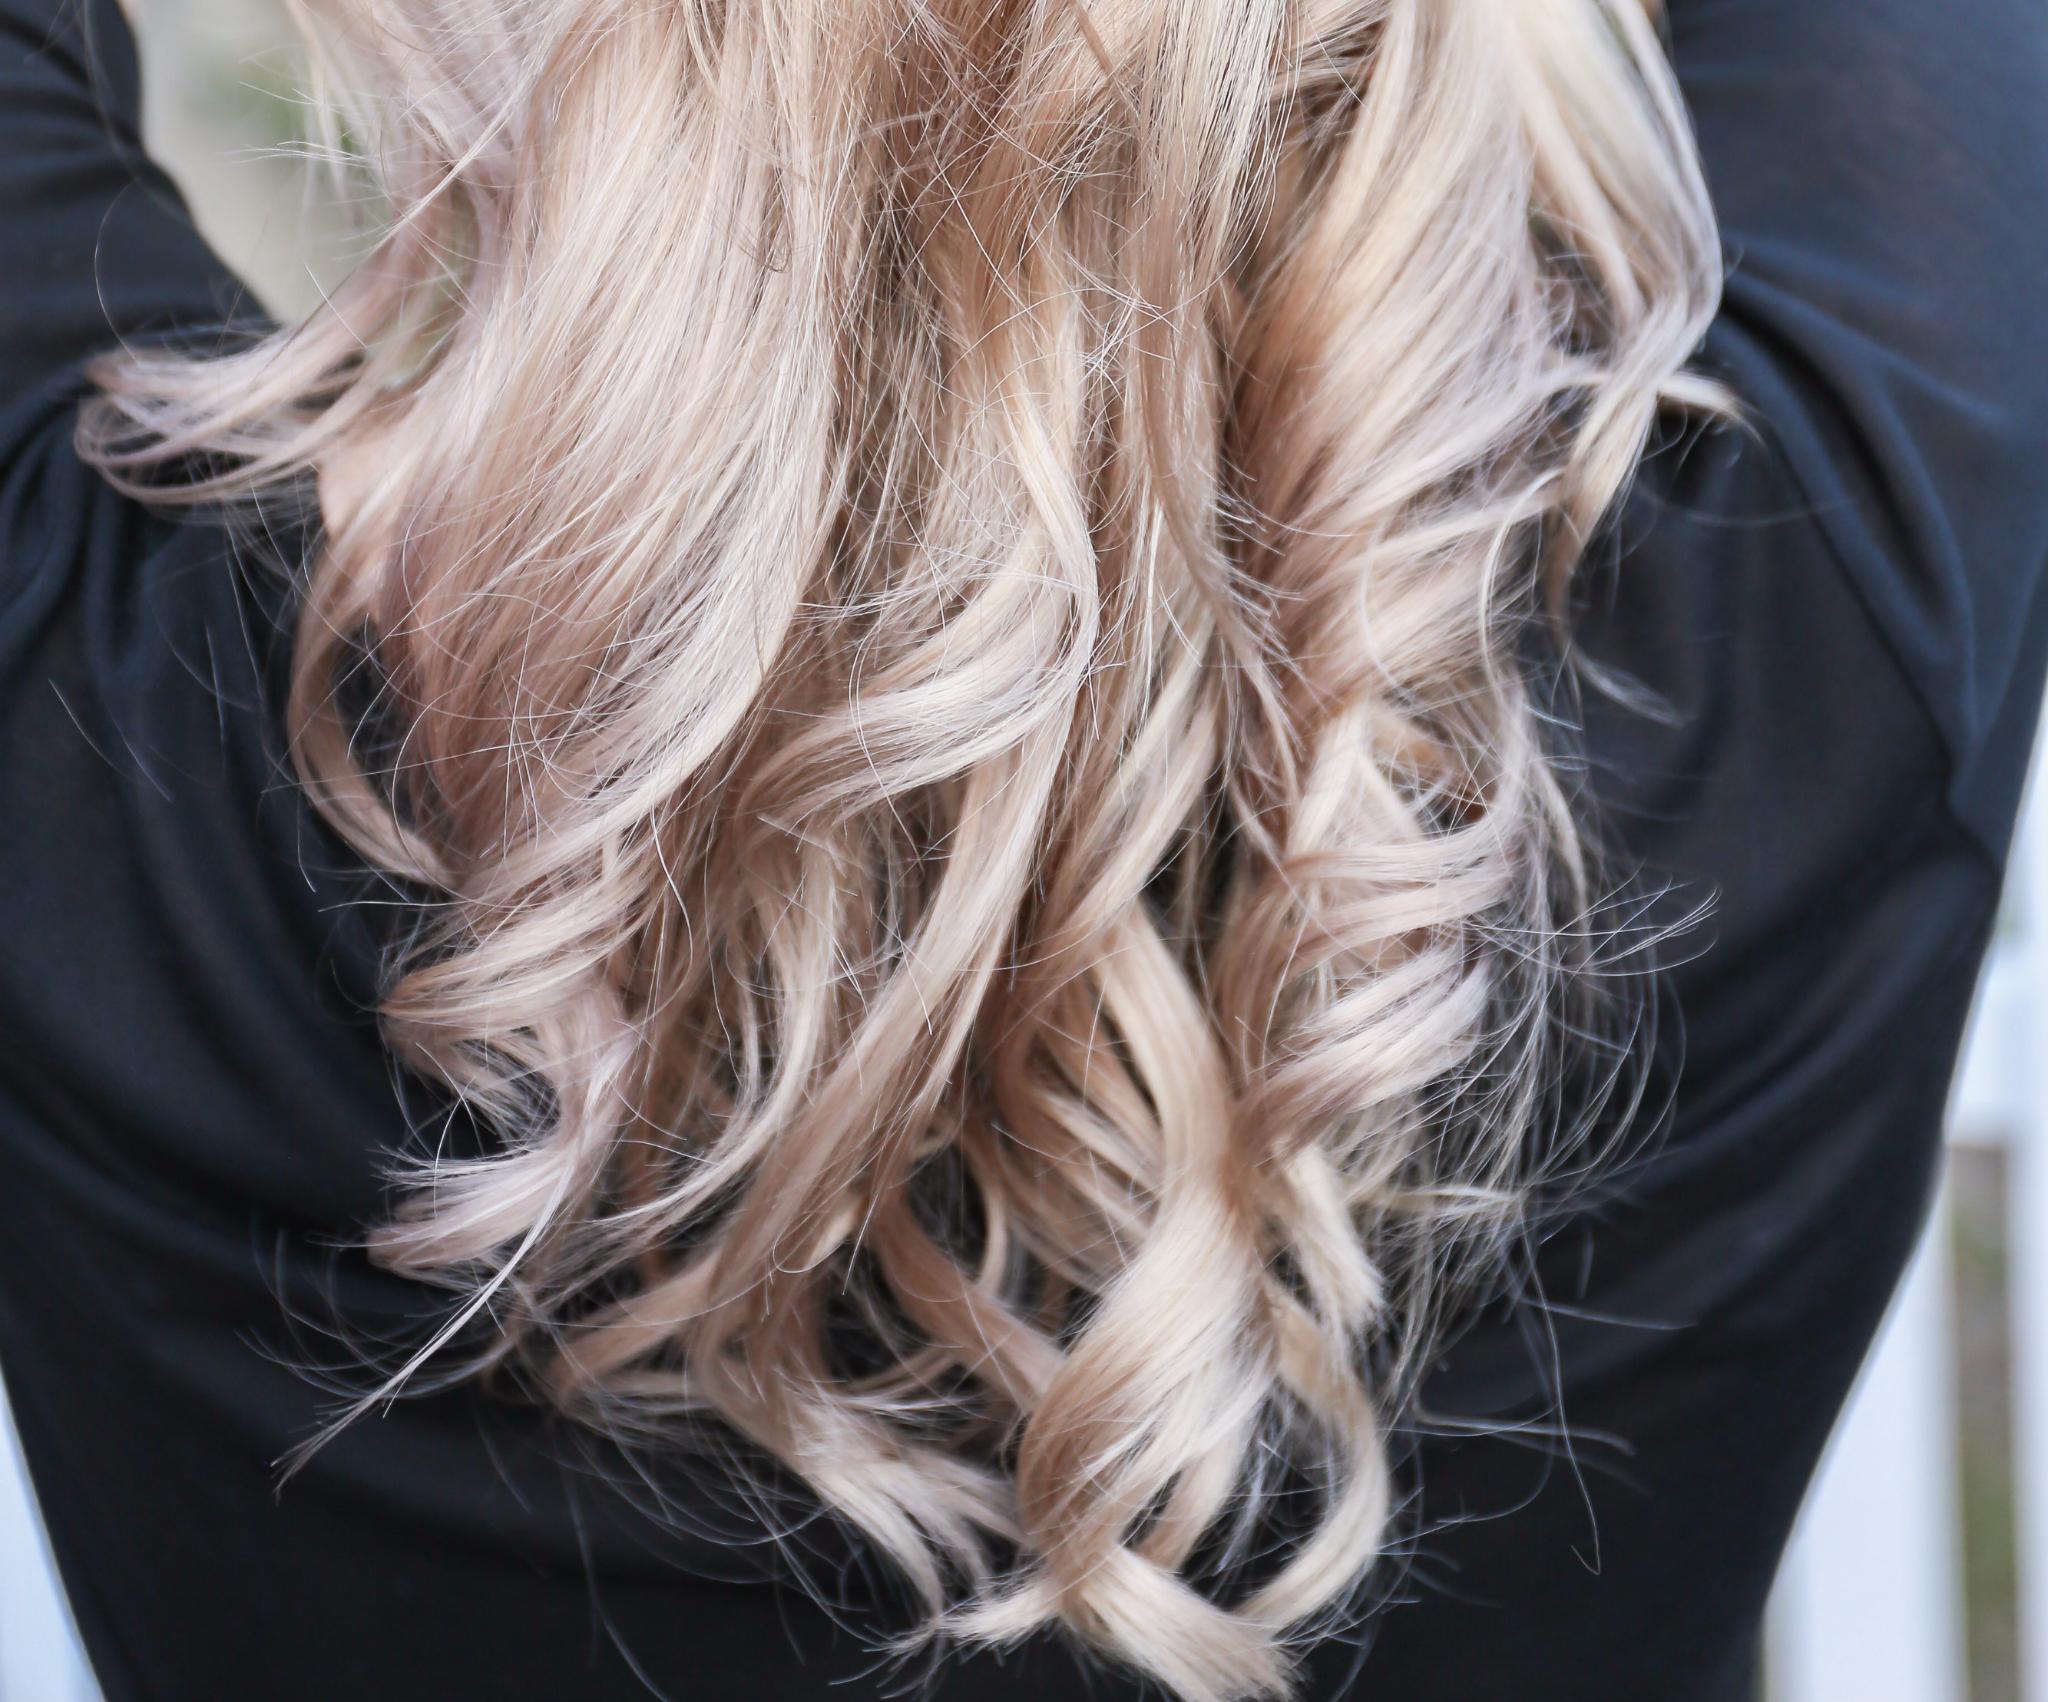 MOD-by-Monique-Beauty-Olaplex-Treatment-Pastel-Hair-15-1